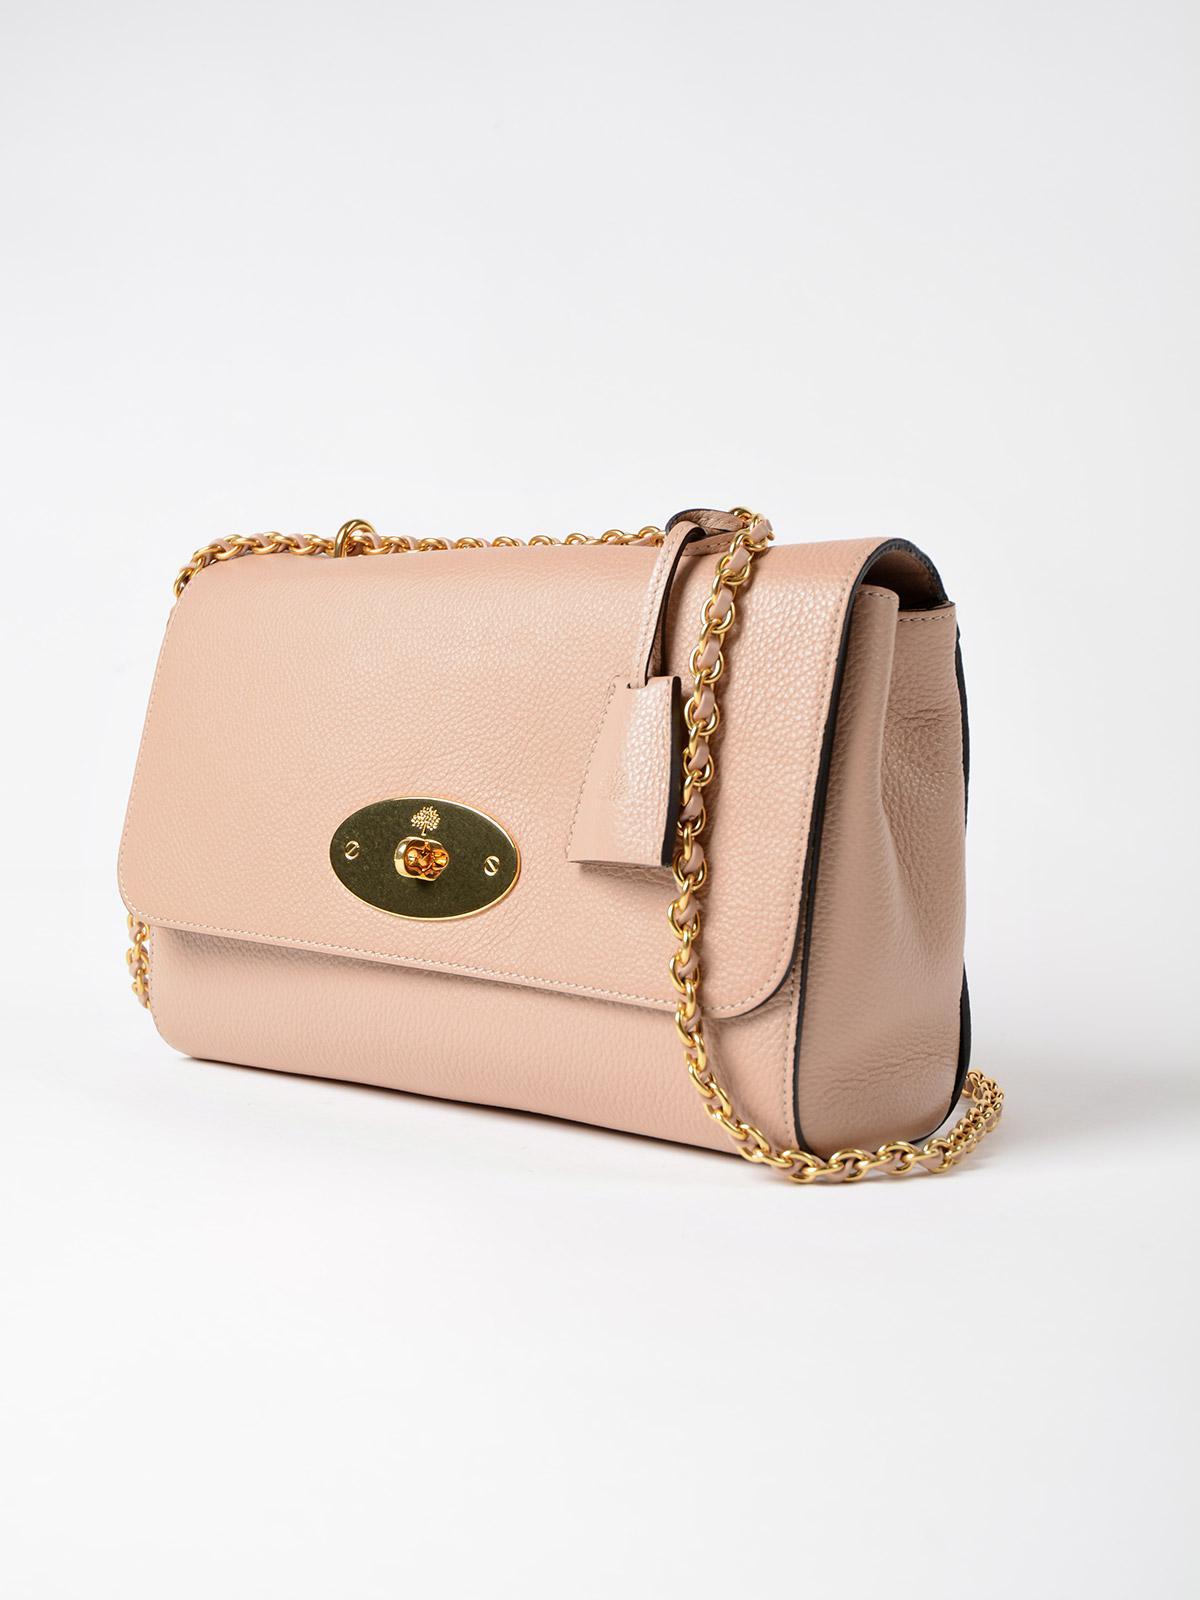 ... promo code for lyst mulberry medium lily bag 59feb 3e177 e2405b186ed05